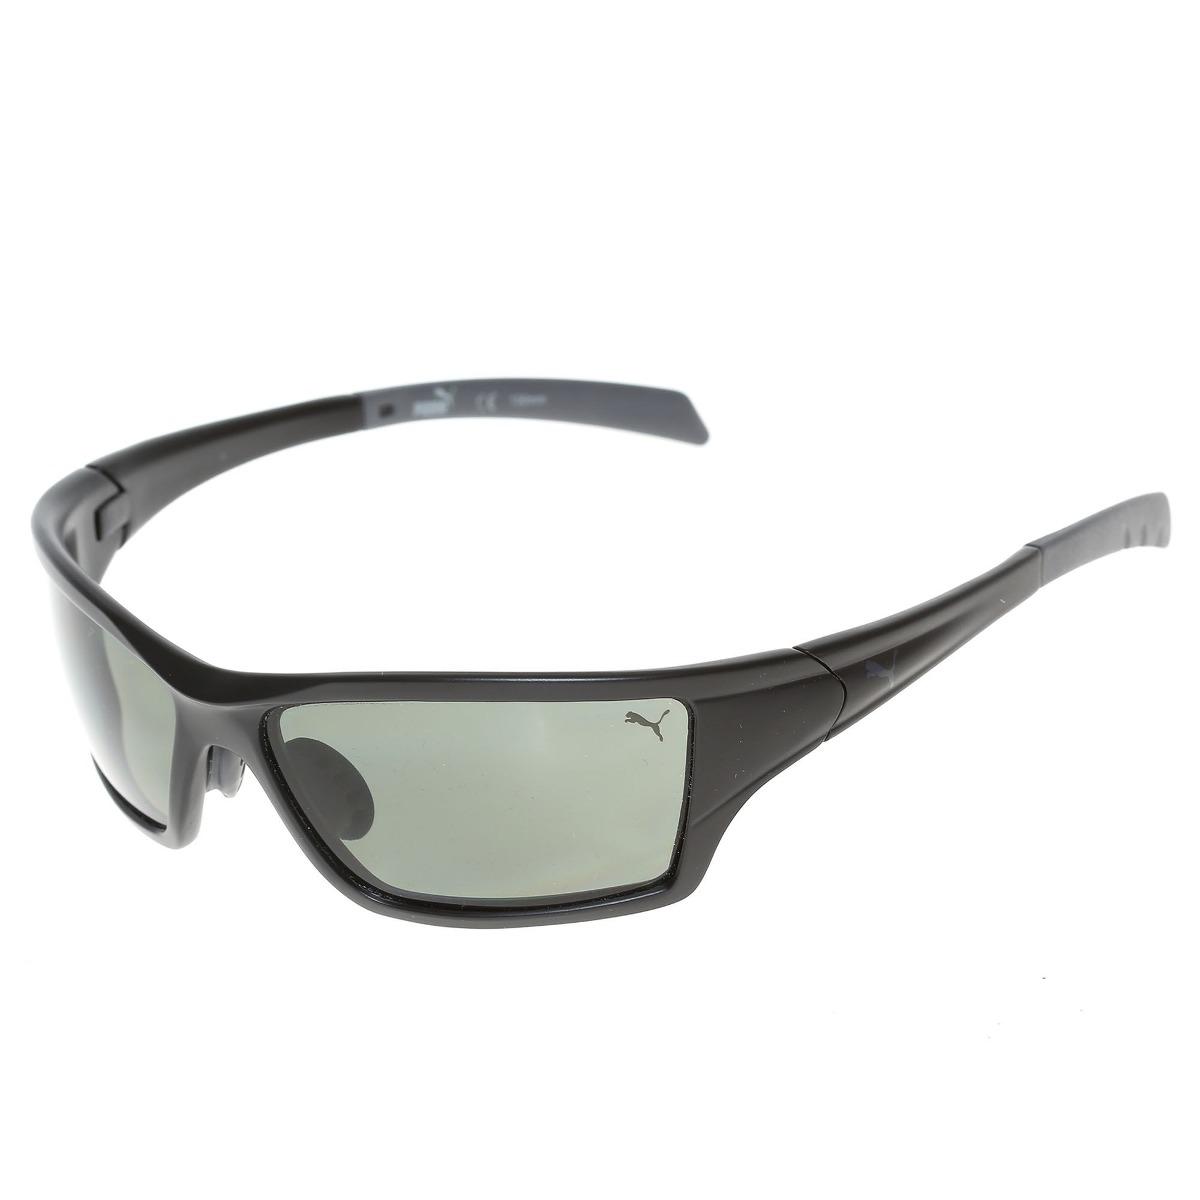 ebe1787cf lentes puma originales nuevos polarizados proteccion uv. Cargando zoom.